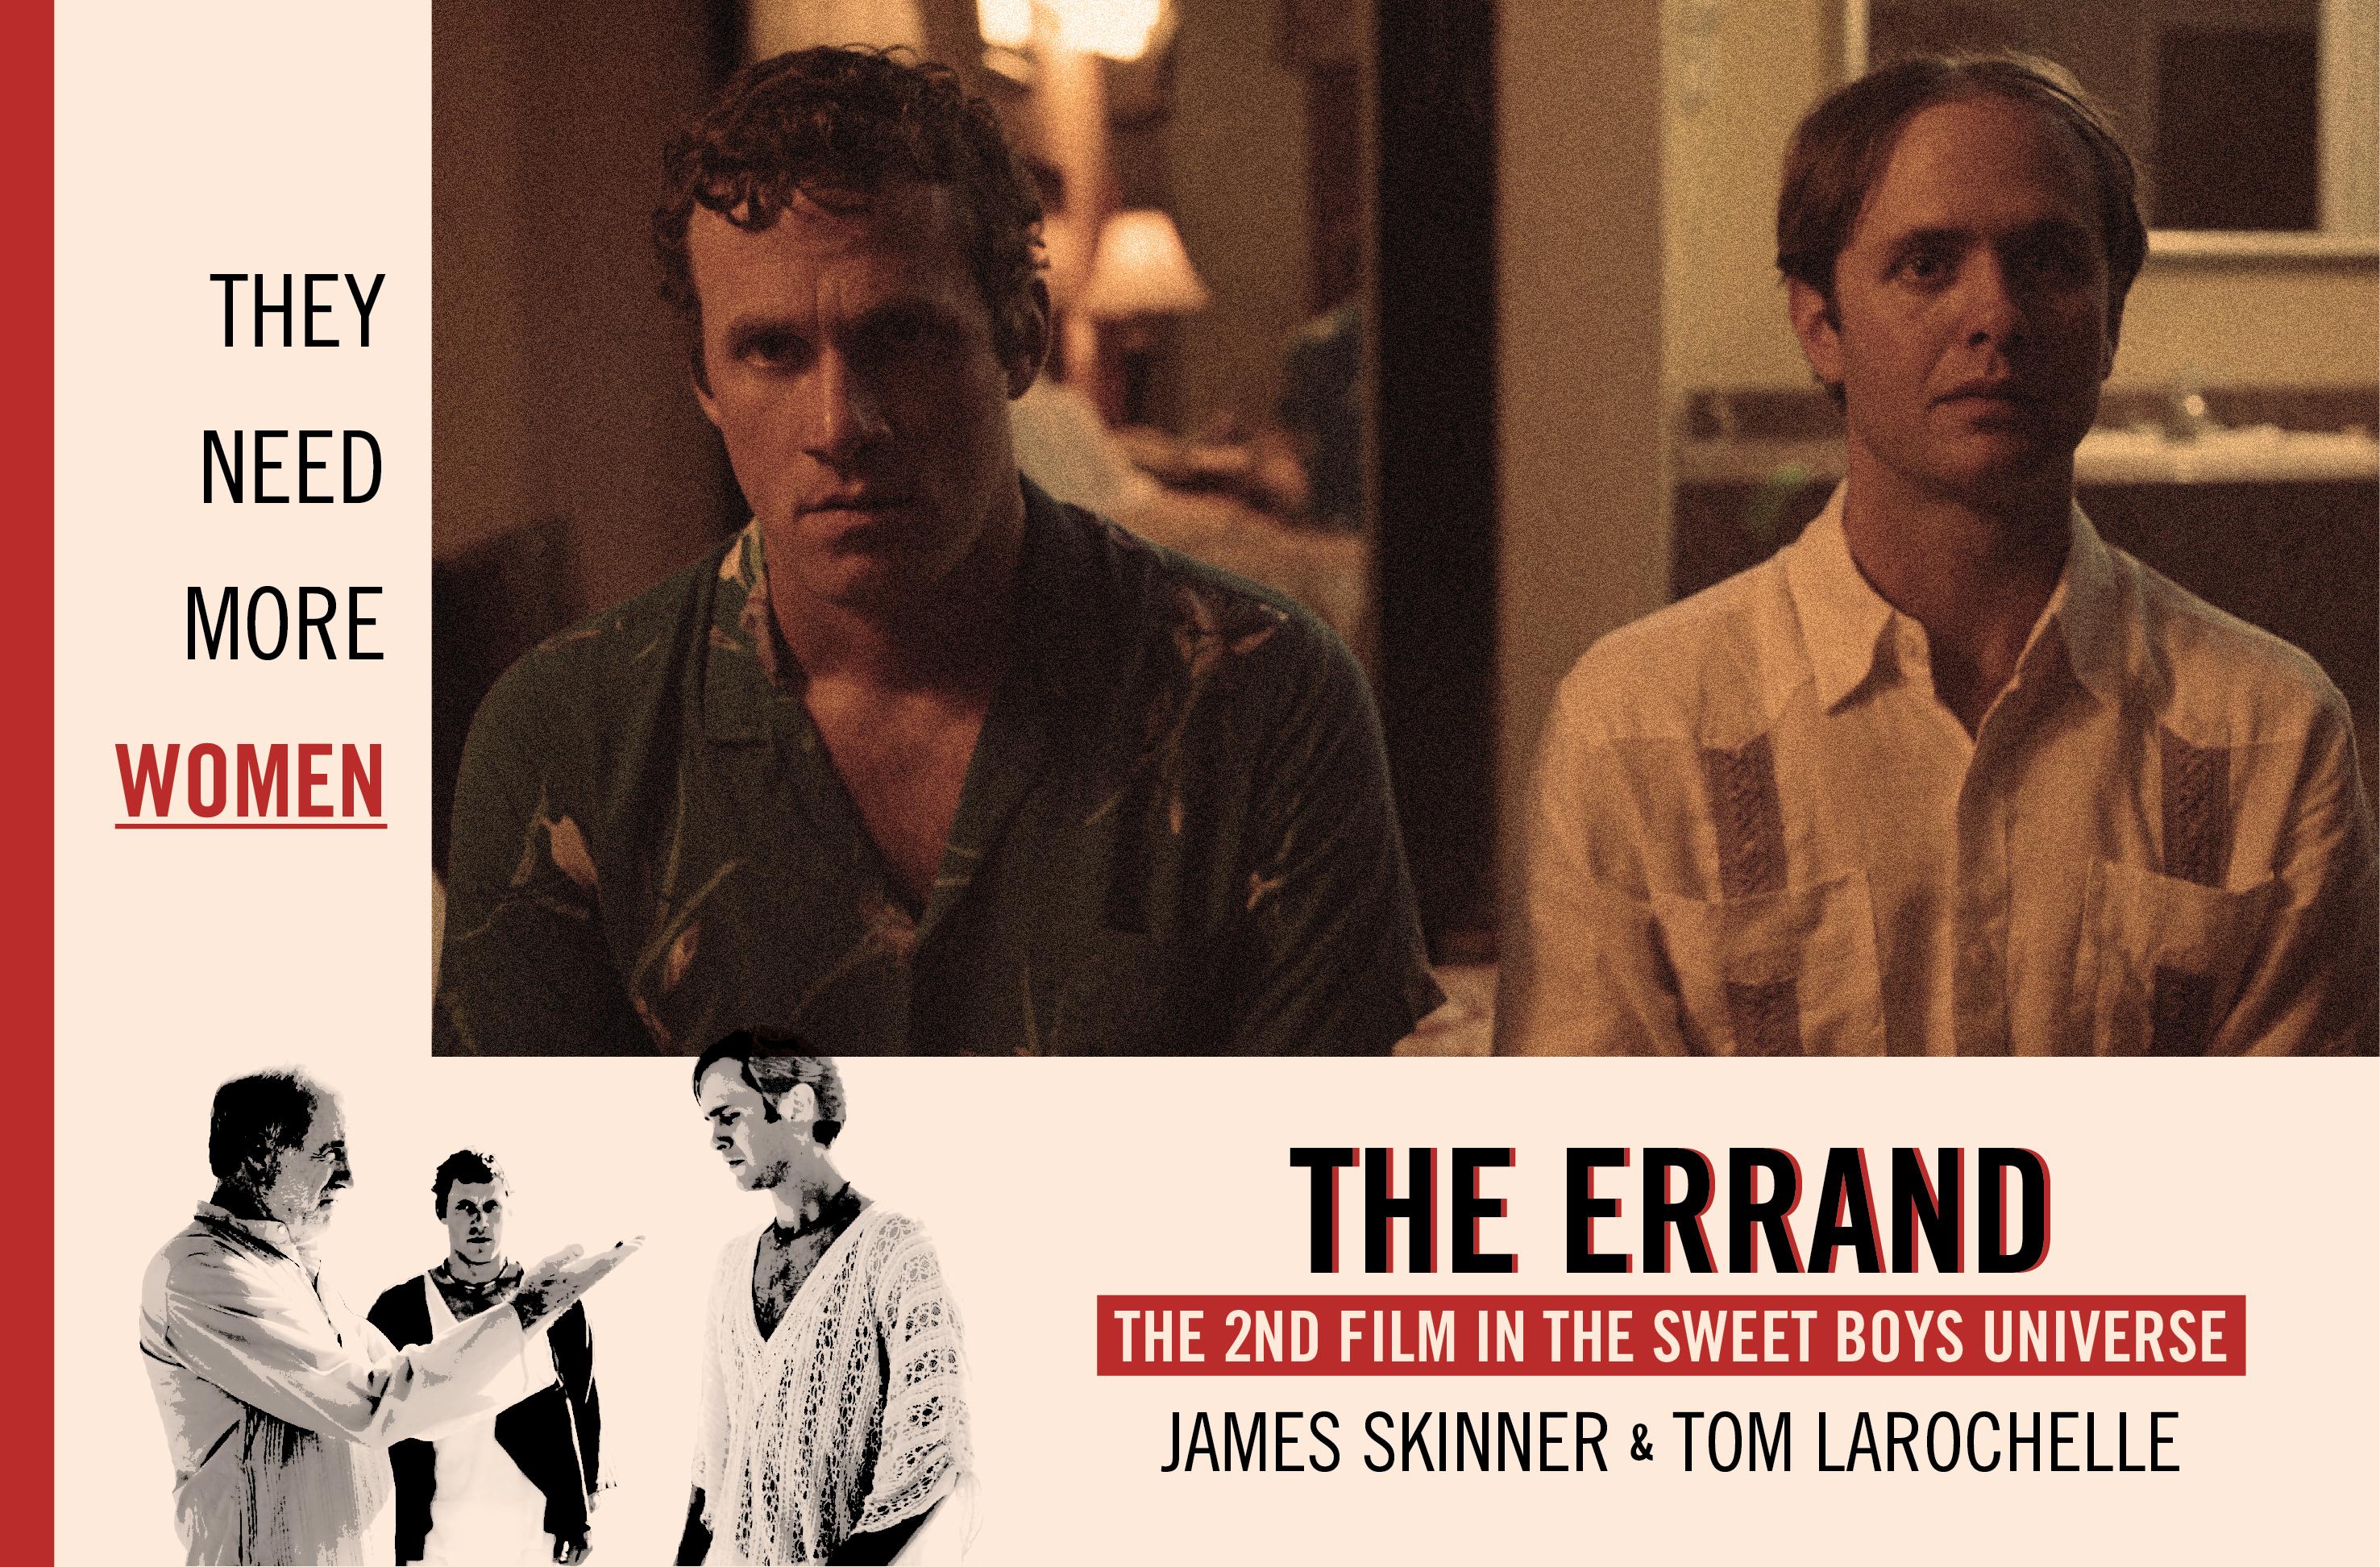 John Henry Richardson, James Skinner, and Tom Larochelle in The Errand (2018)